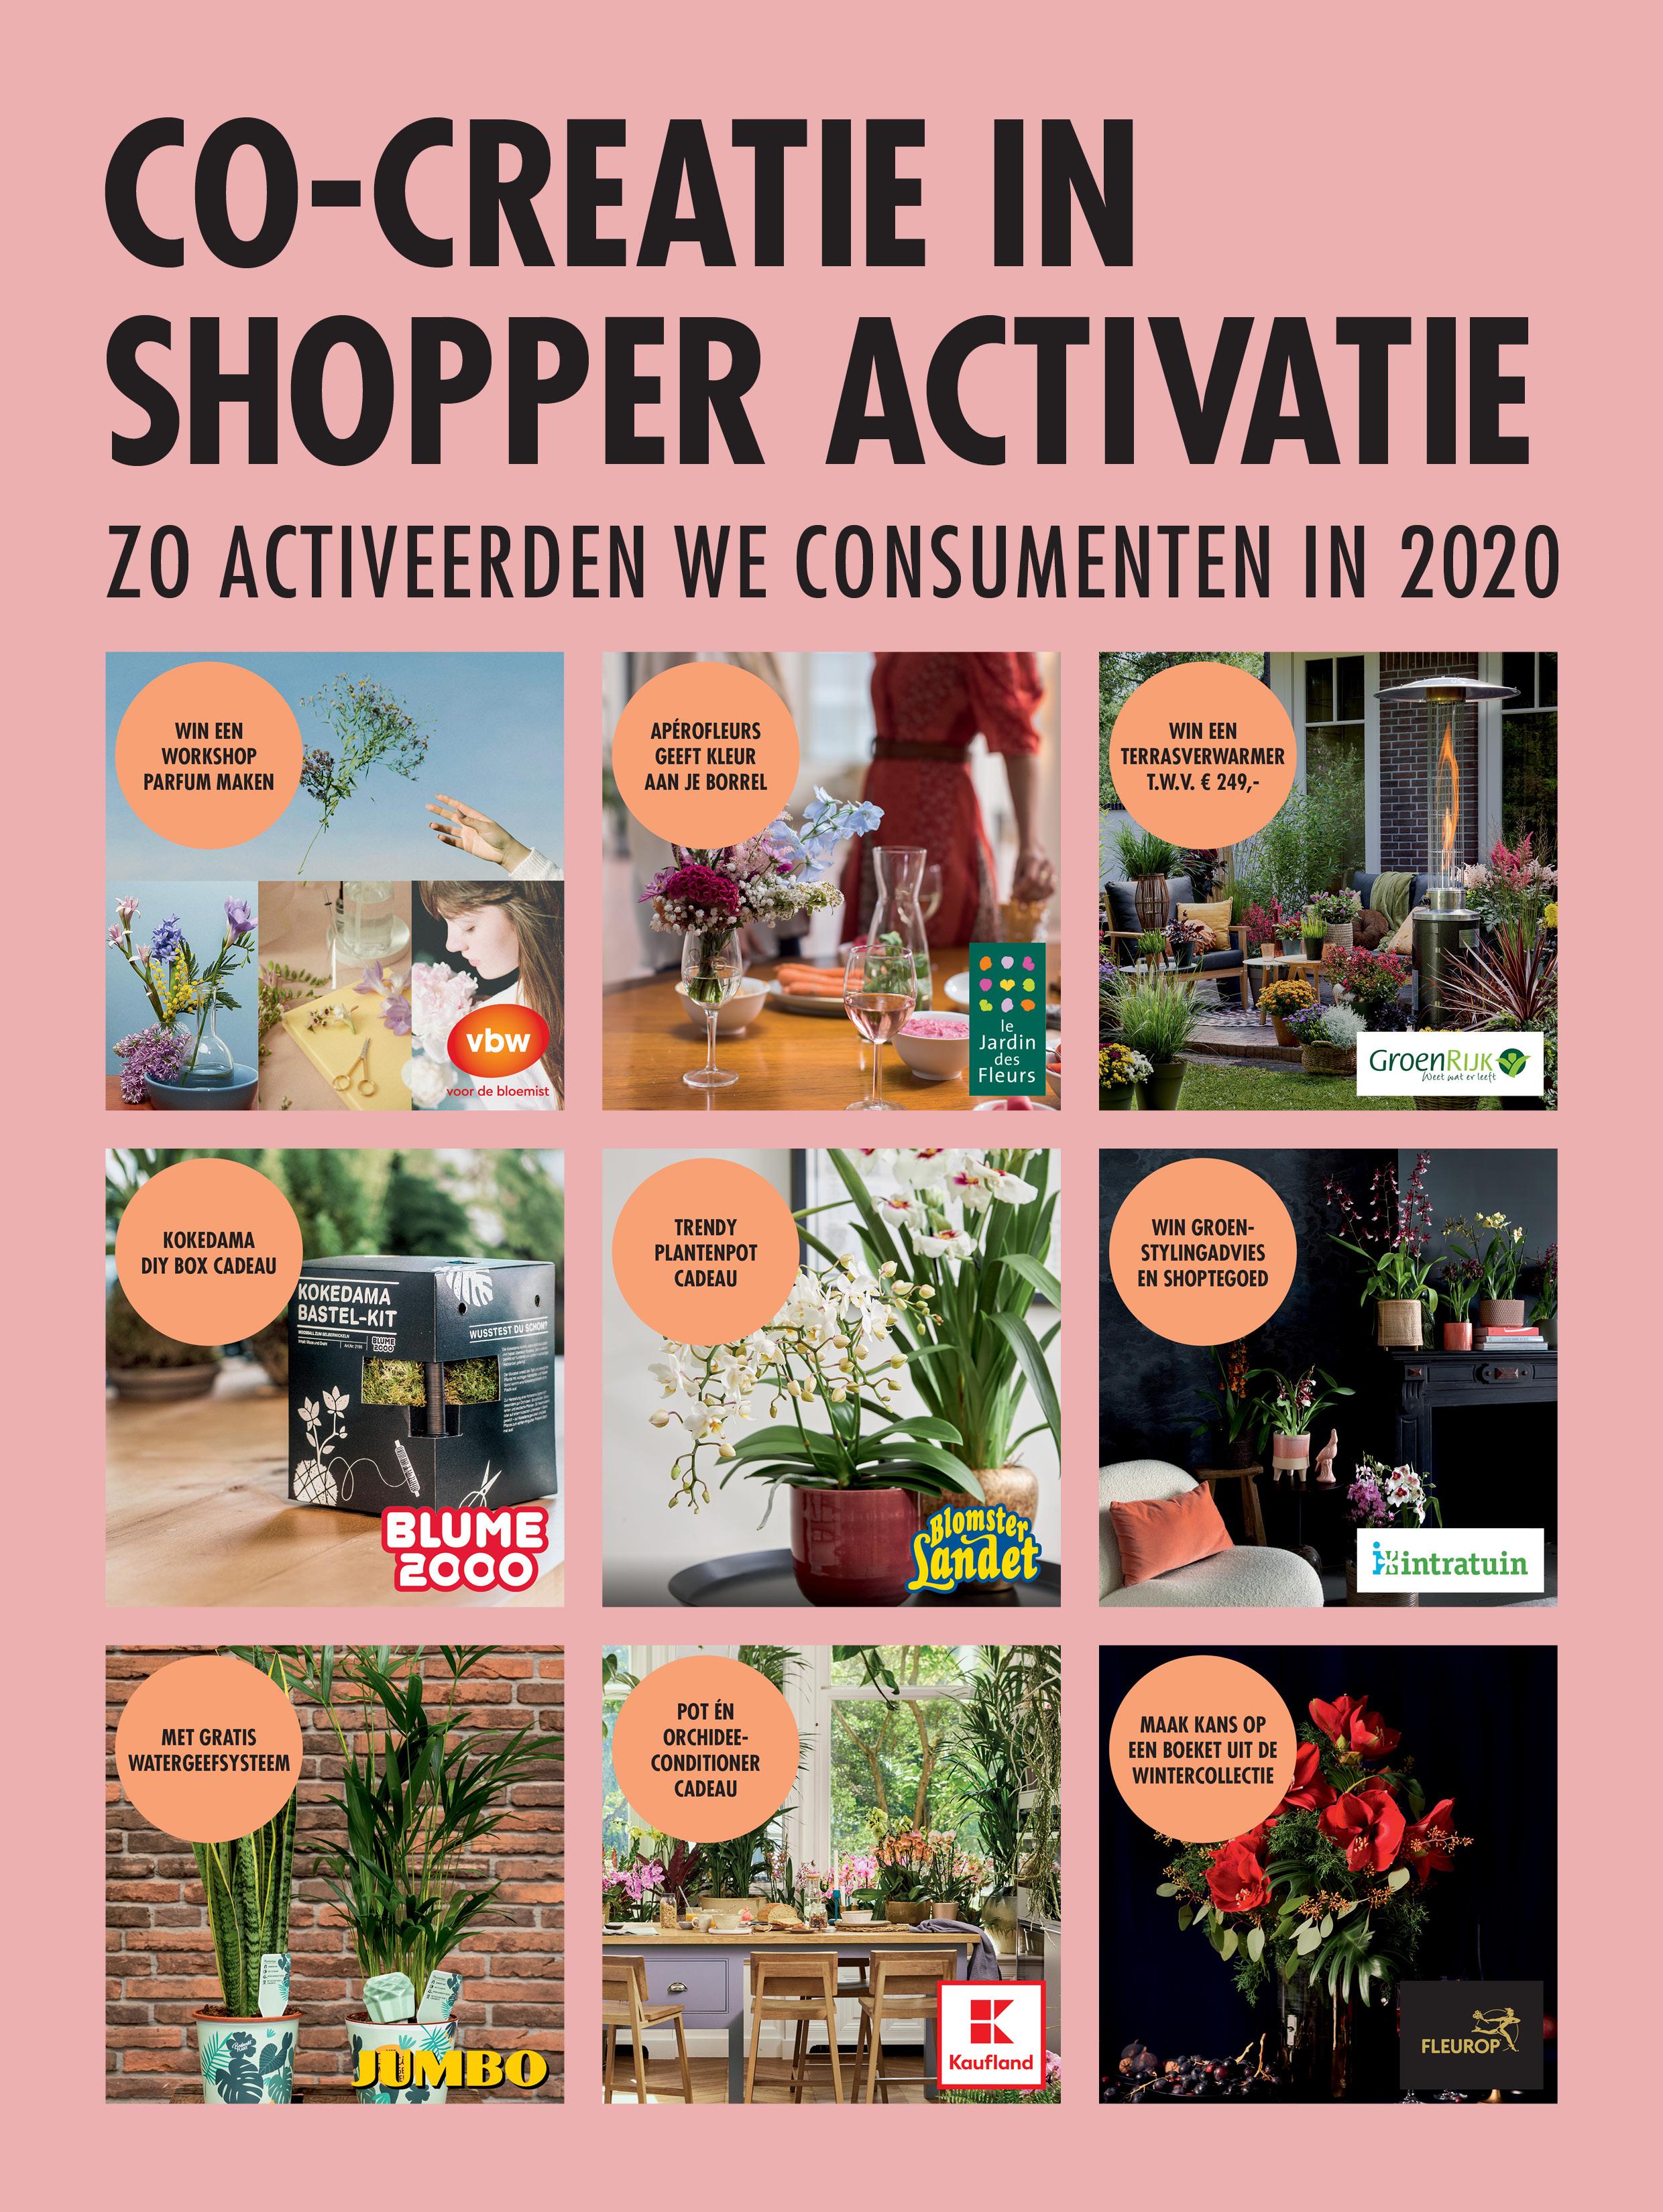 Shopper activaties: zo activeerden we consumenten in 2020